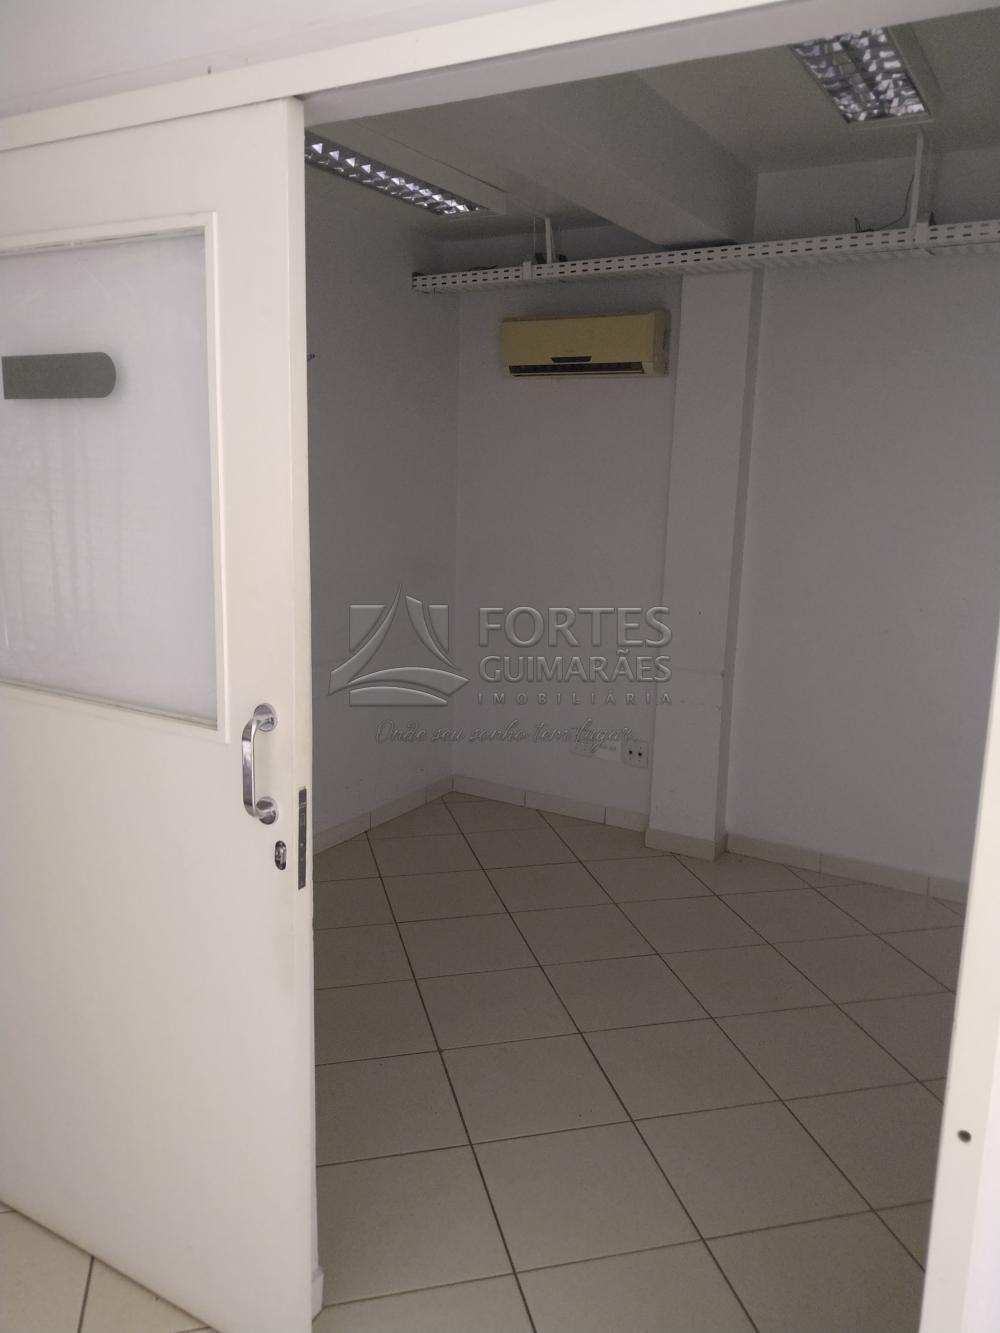 Alugar Comercial / Imóvel Comercial em Ribeirão Preto apenas R$ 12.000,00 - Foto 91